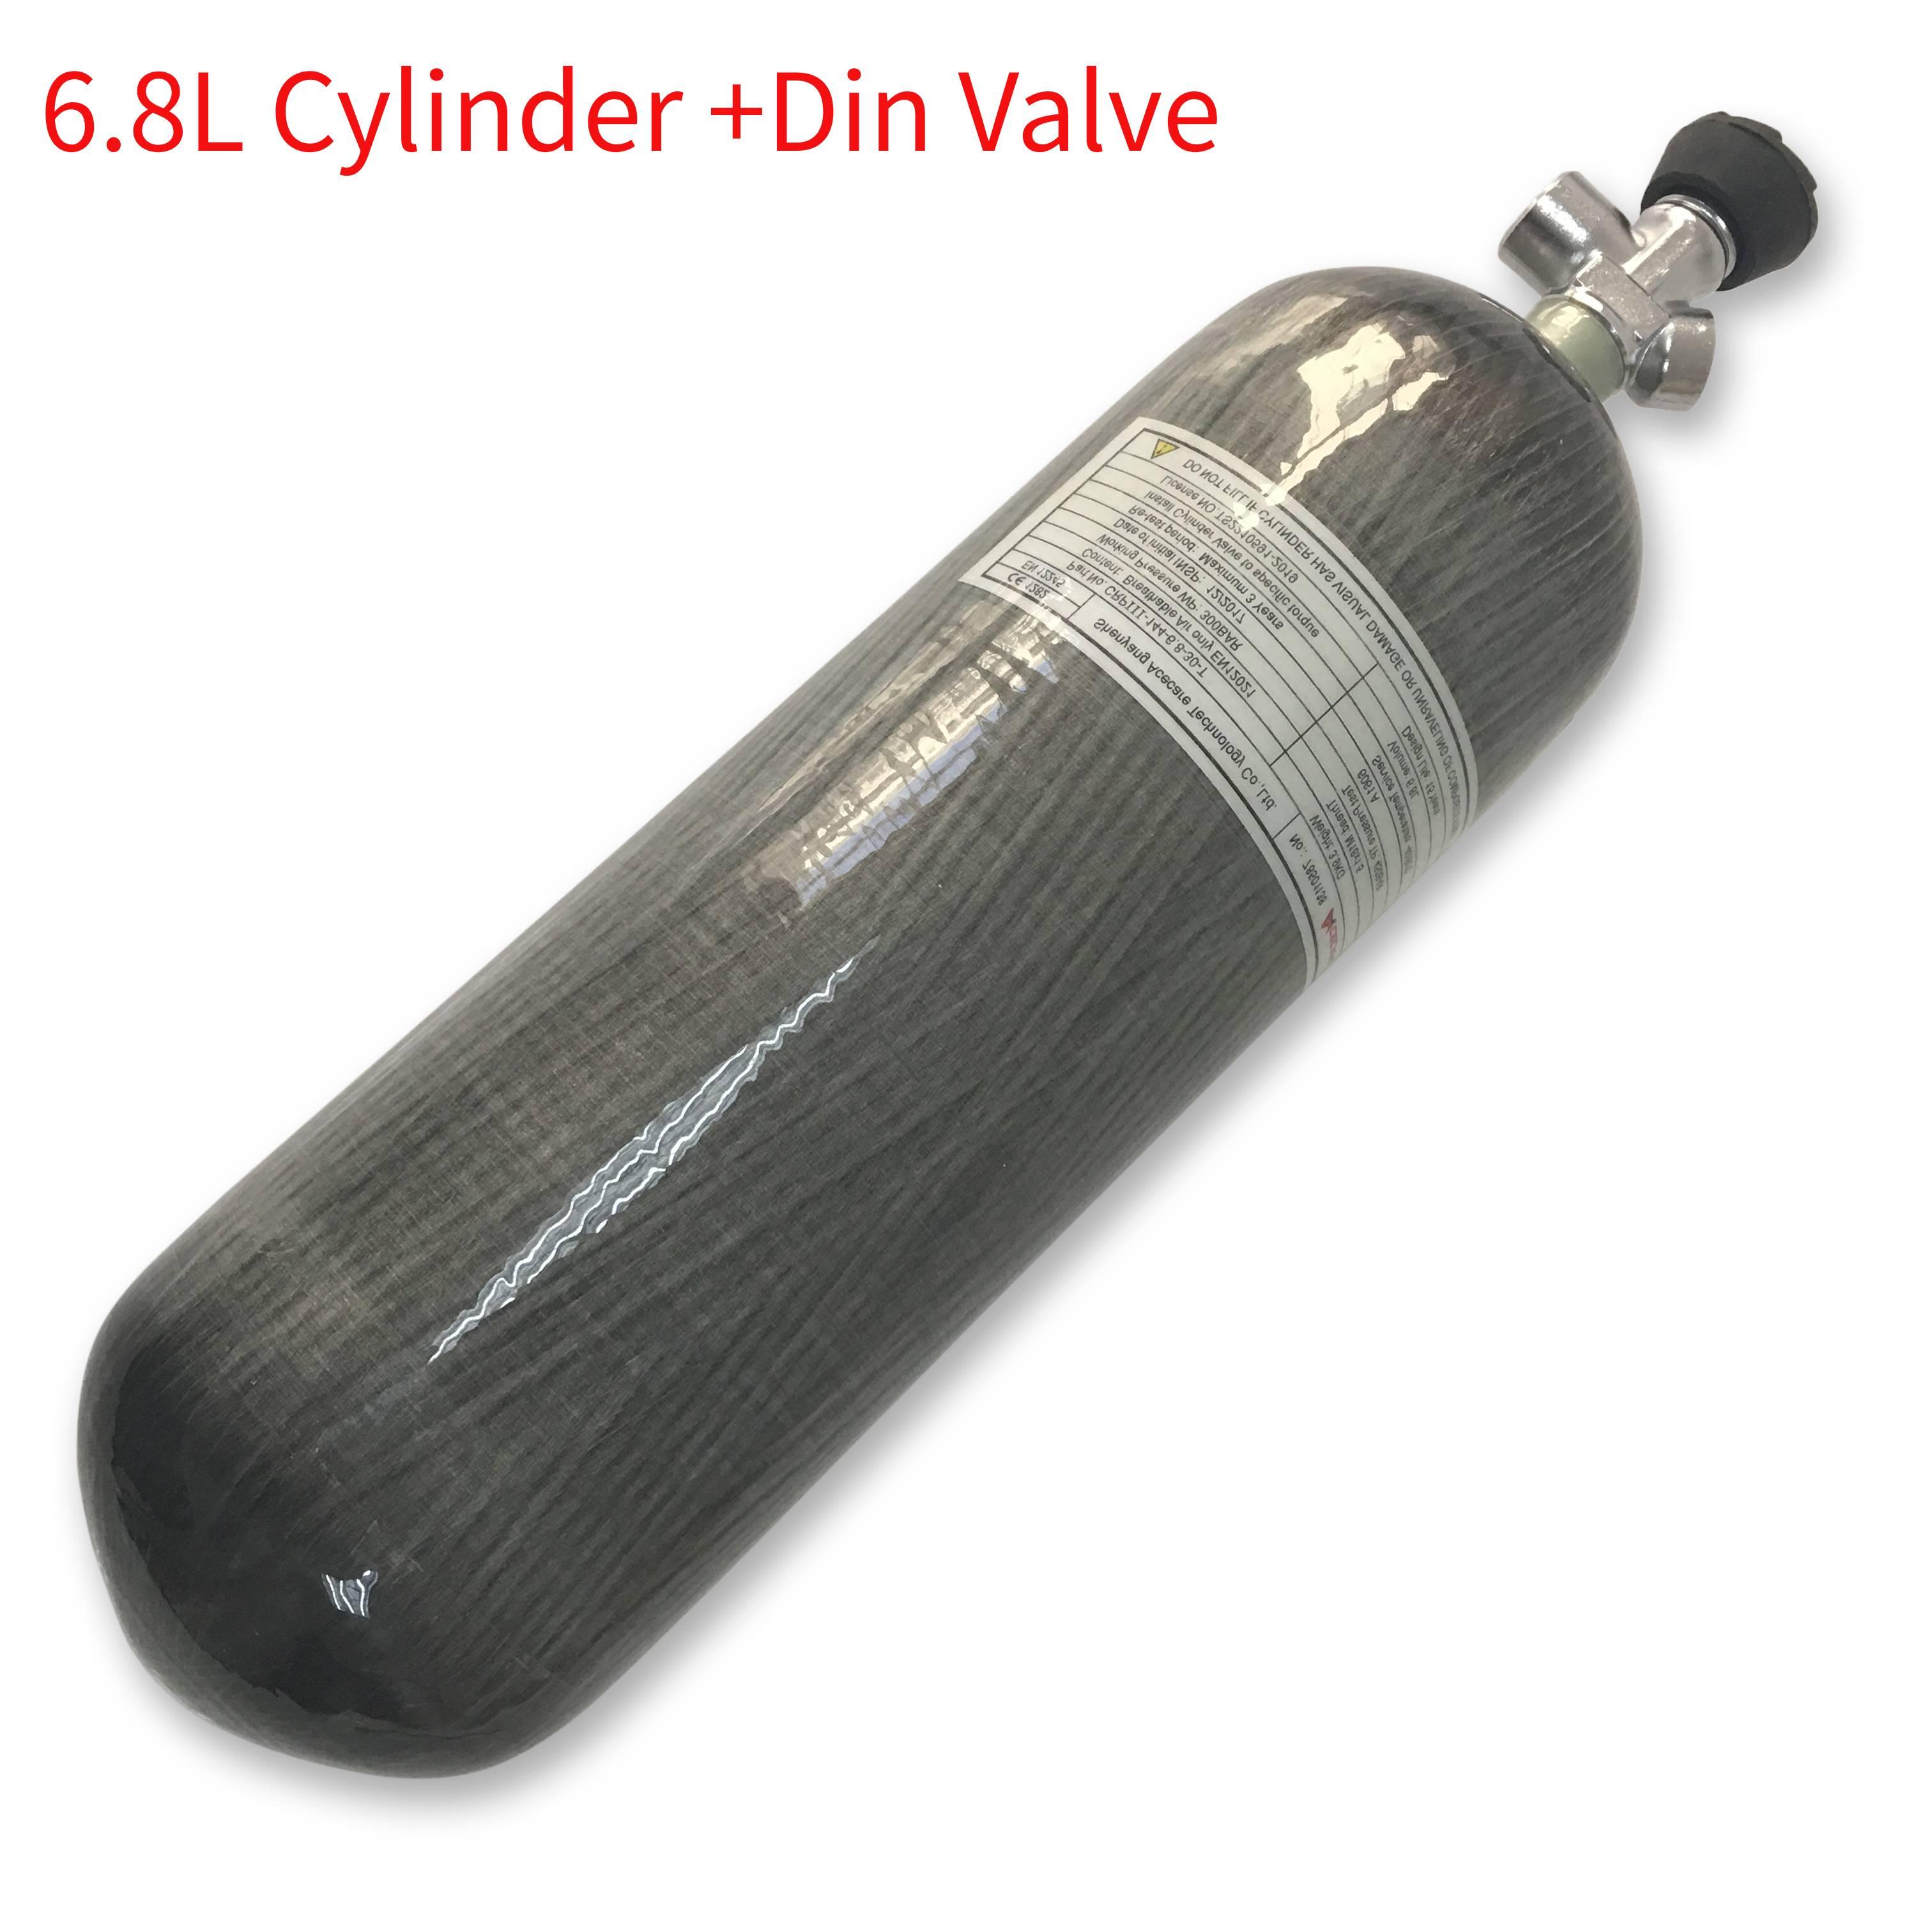 AC16831 High Pressure 6.8L Pcp/Scuba Tank Air Rifle Condor Cylinder Co2 4500 Psi M18*1.5 Carbon Fiber Air Tank Air Rifles 5. 5